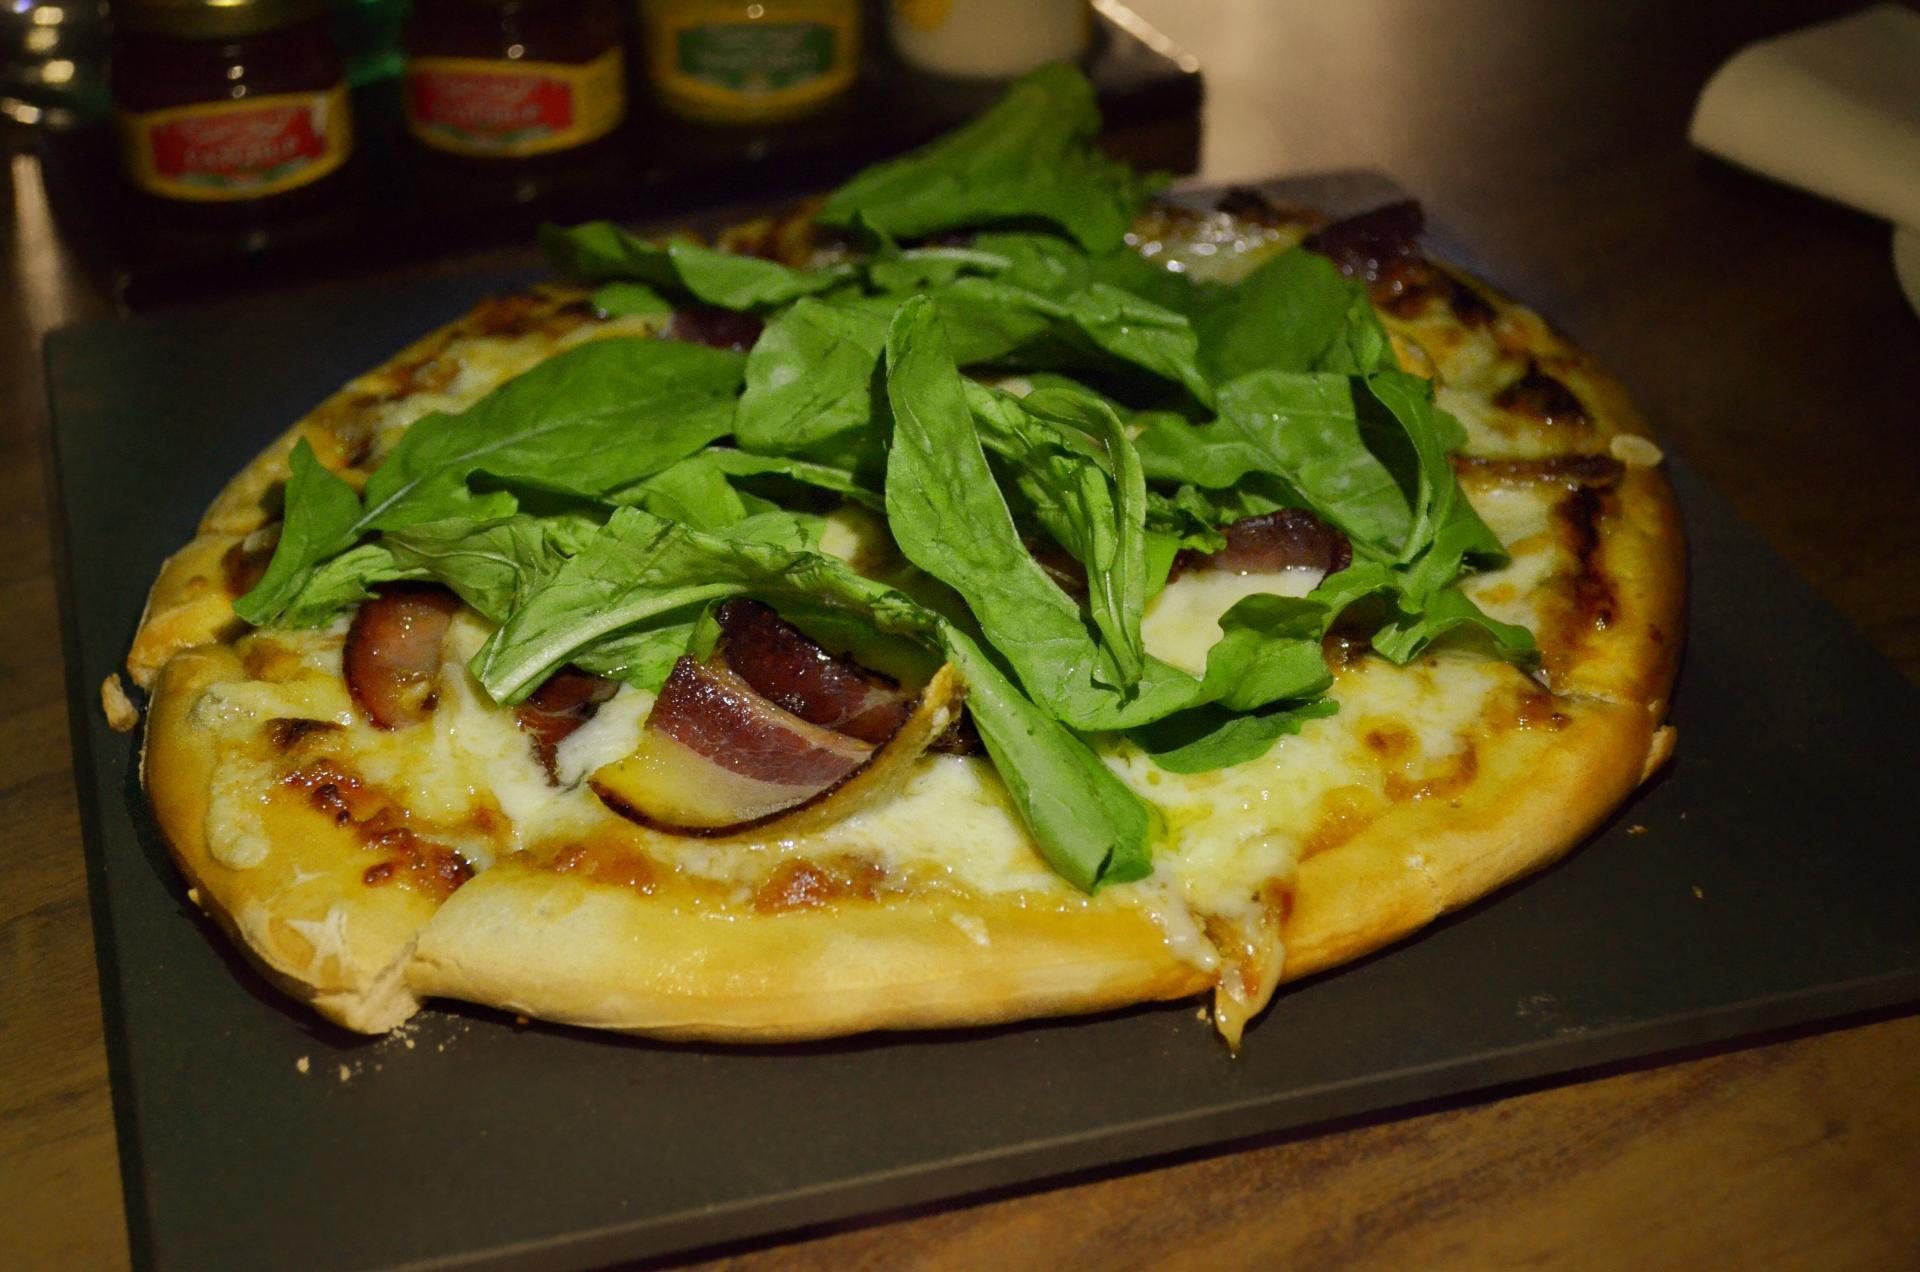 Une pizza au fromage à raclettes